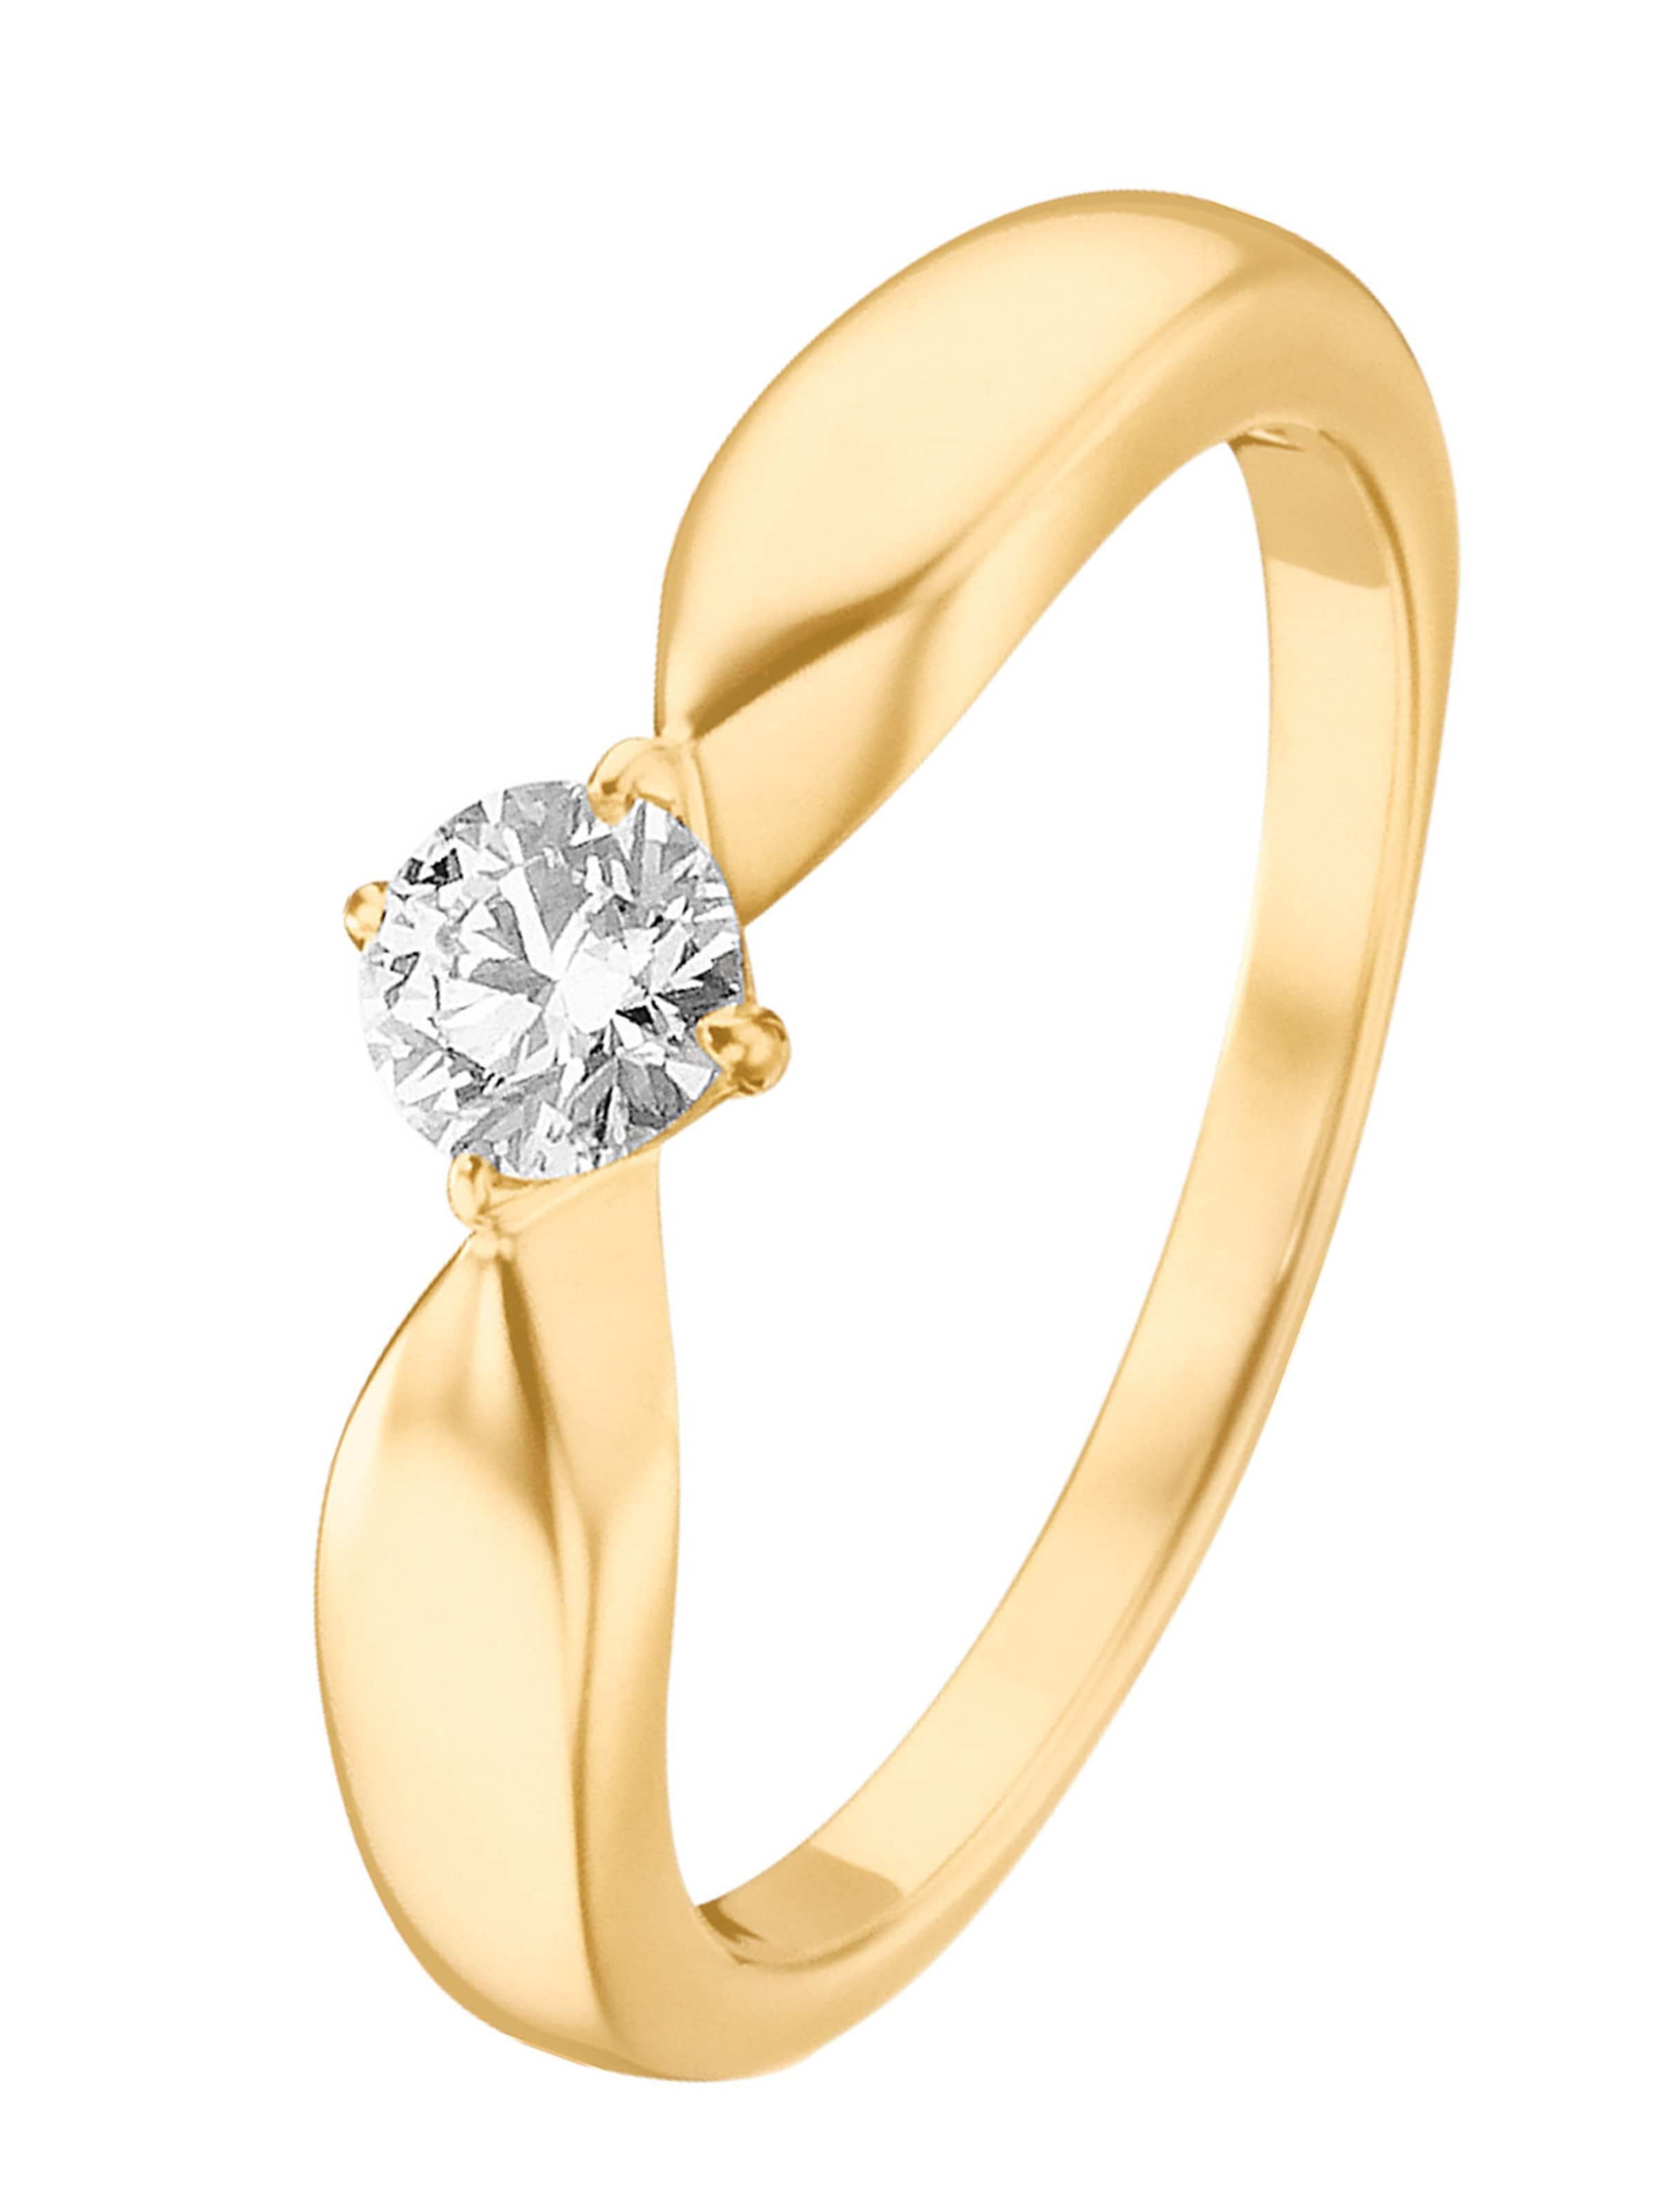 Ring Christ In GoldSilber In Christ GoldSilber GoldSilber In Christ Ring Ring 4L5Rqc3Aj